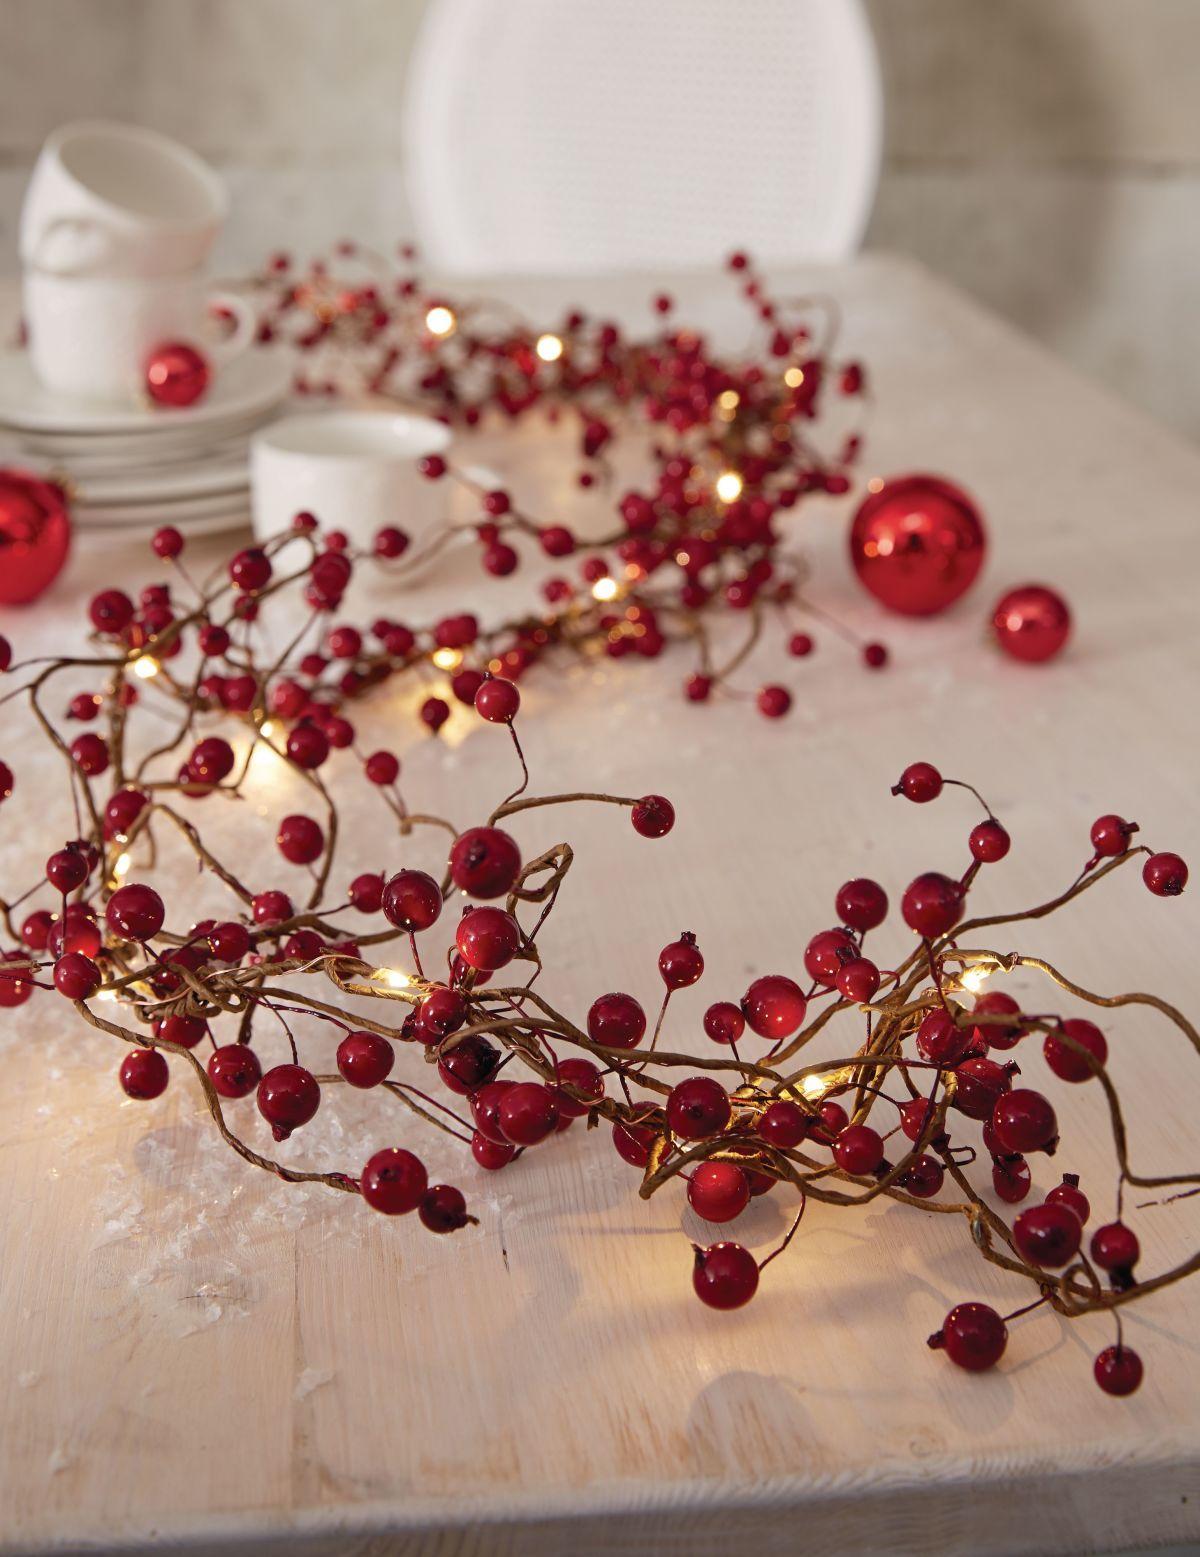 Traditionelle Lichterkette in Form eines Zweiges mit roten Beeren.  #Weihnachtsdeko #Impressionenversand